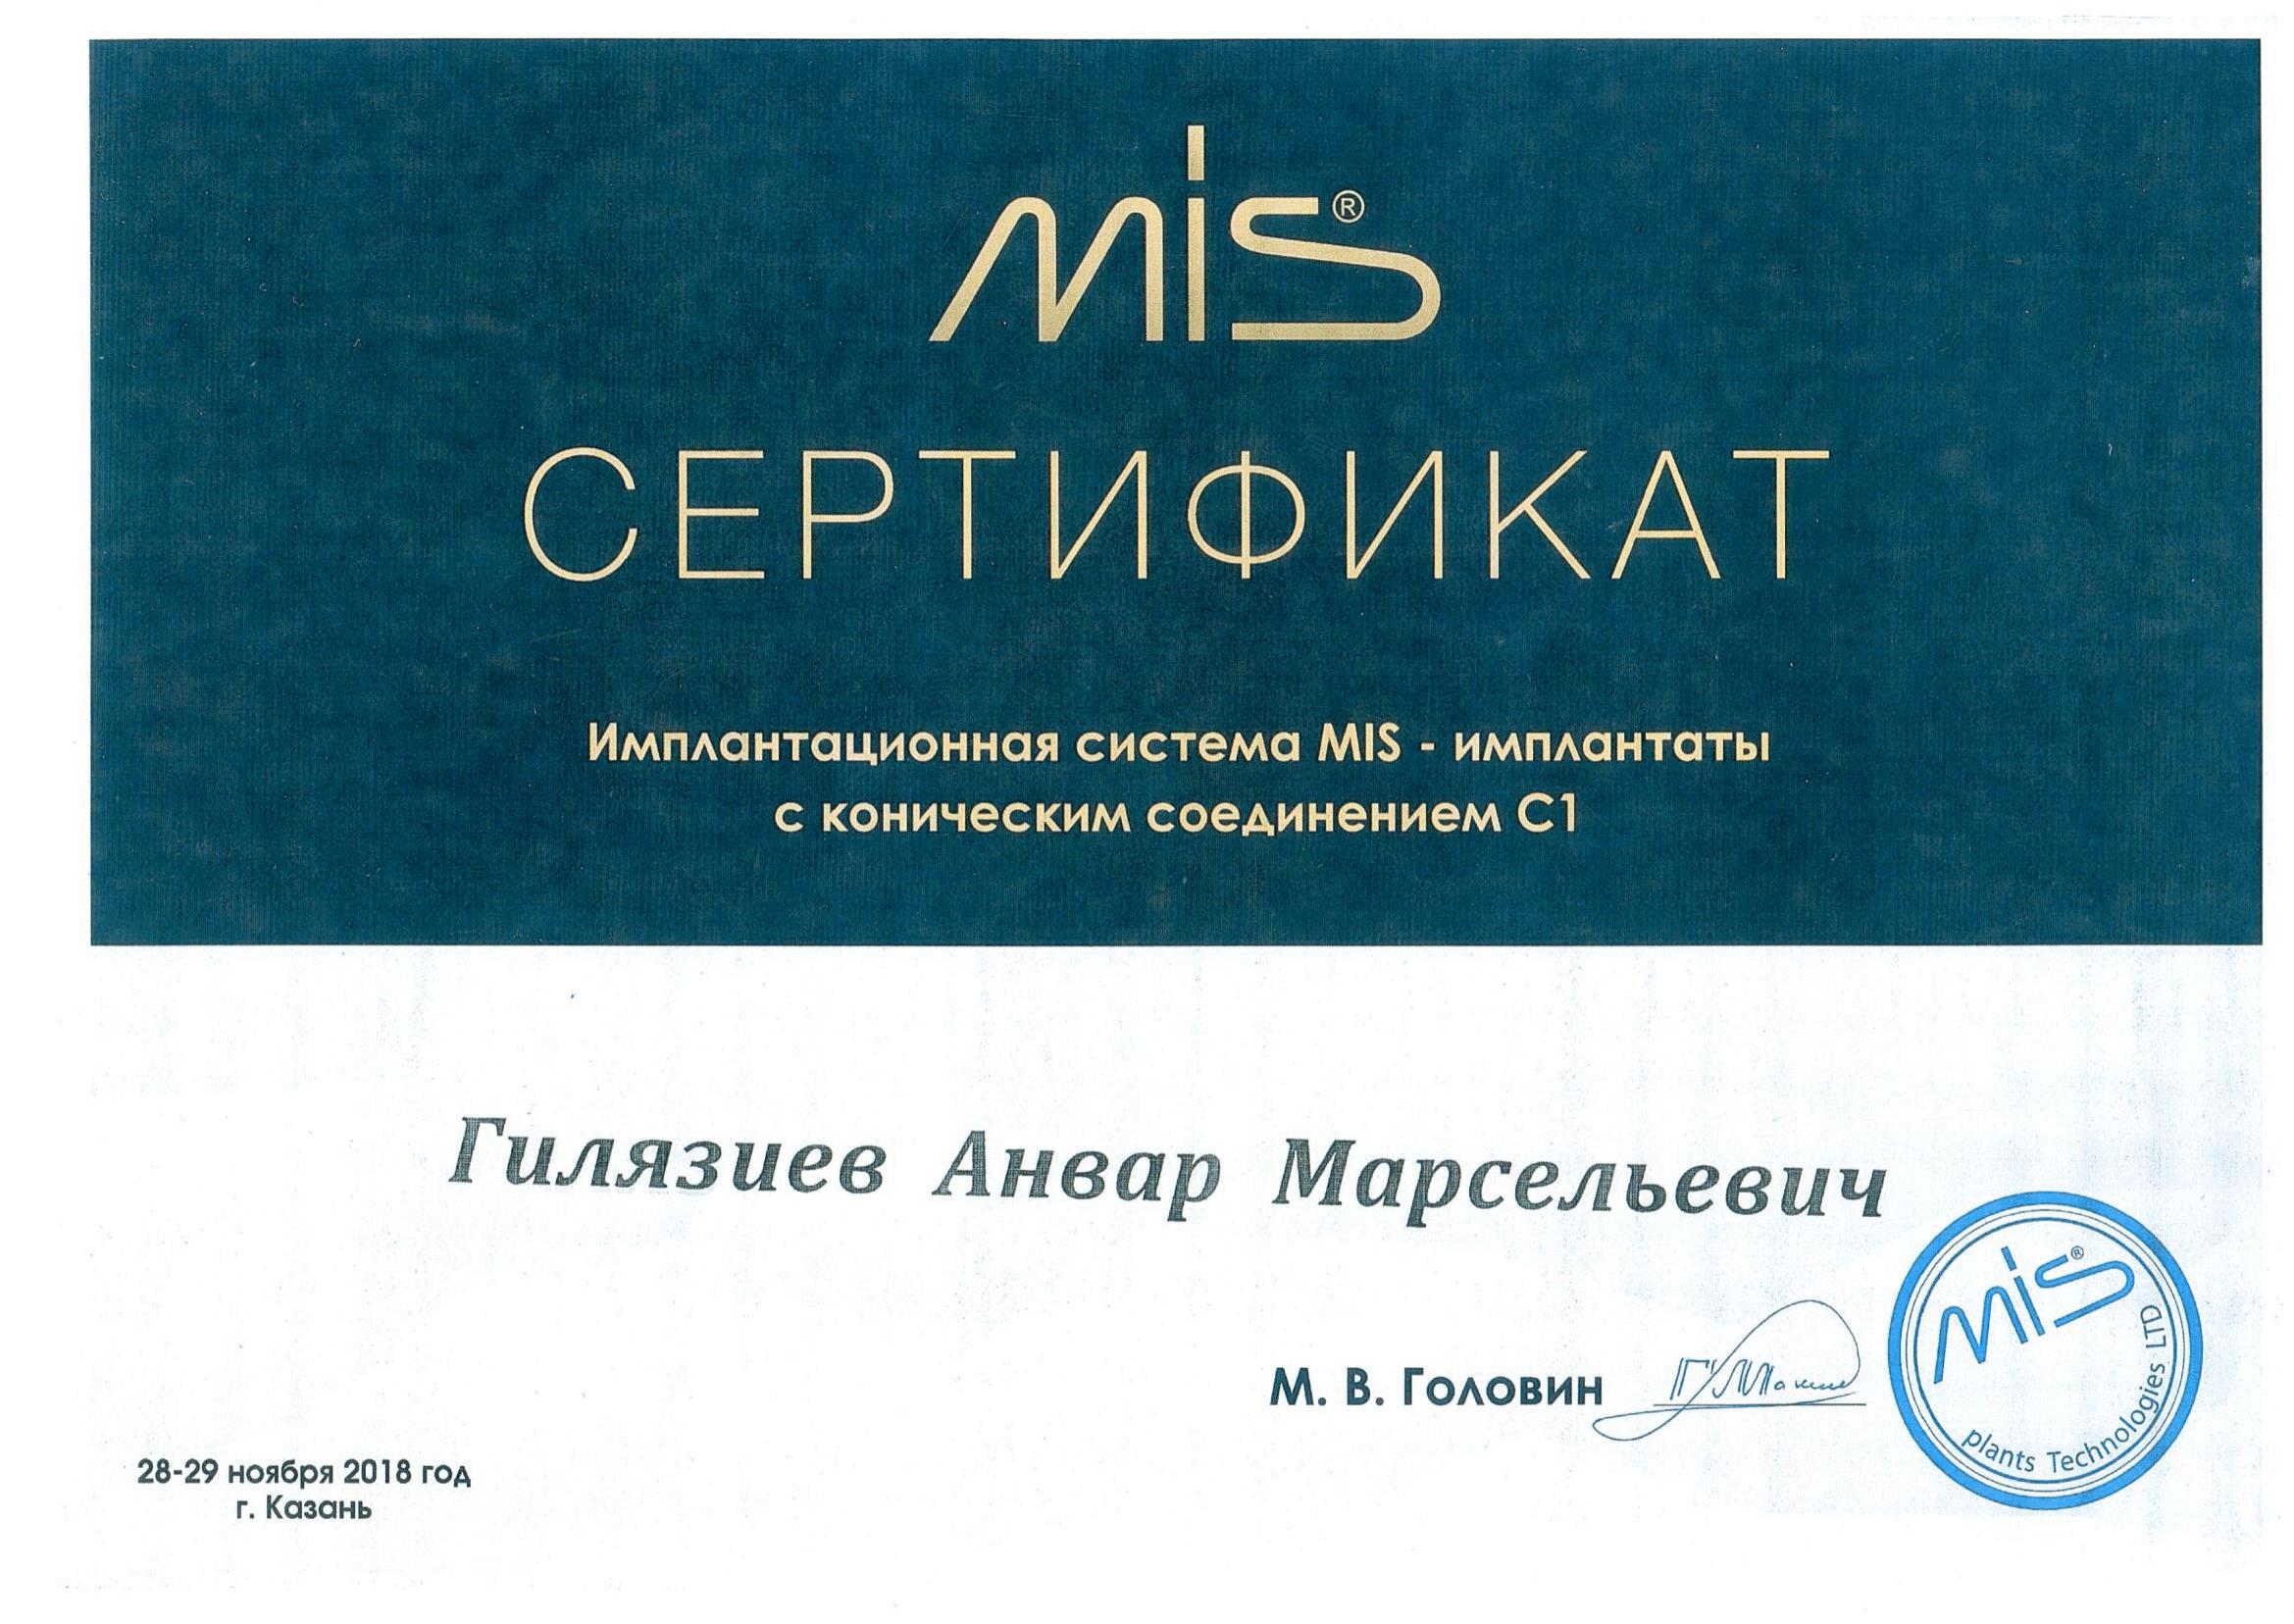 Документы на имя Гилязиев Анвар Марселевич